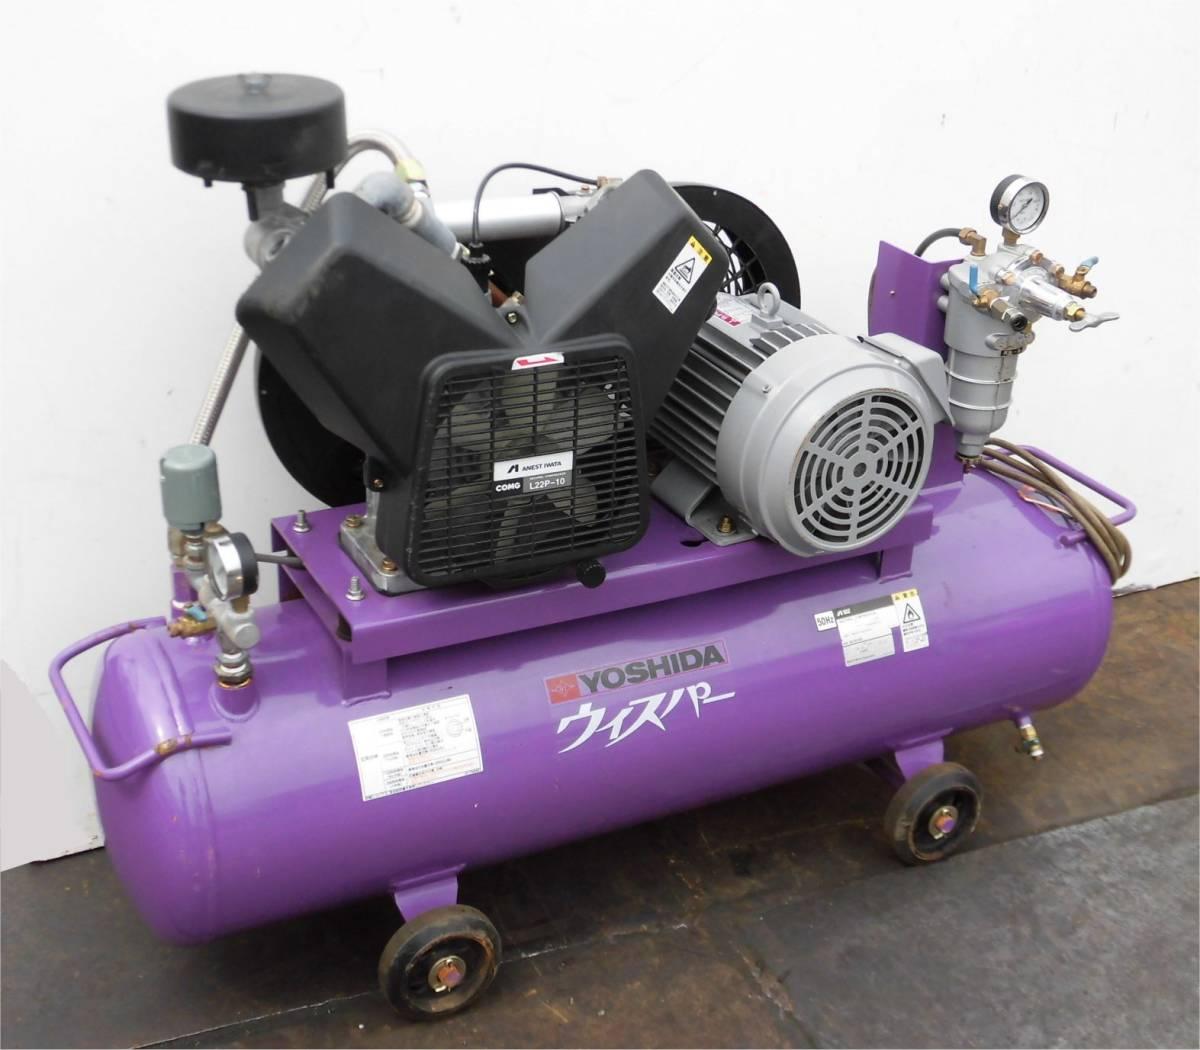 ほ レシプロコンプレッサー 吉田/アネスト岩田 ウィスパー Y32 L22P-10 50Hz 2.2KW 静音型 圧力調整器付 空気圧縮機 3馬力_画像2